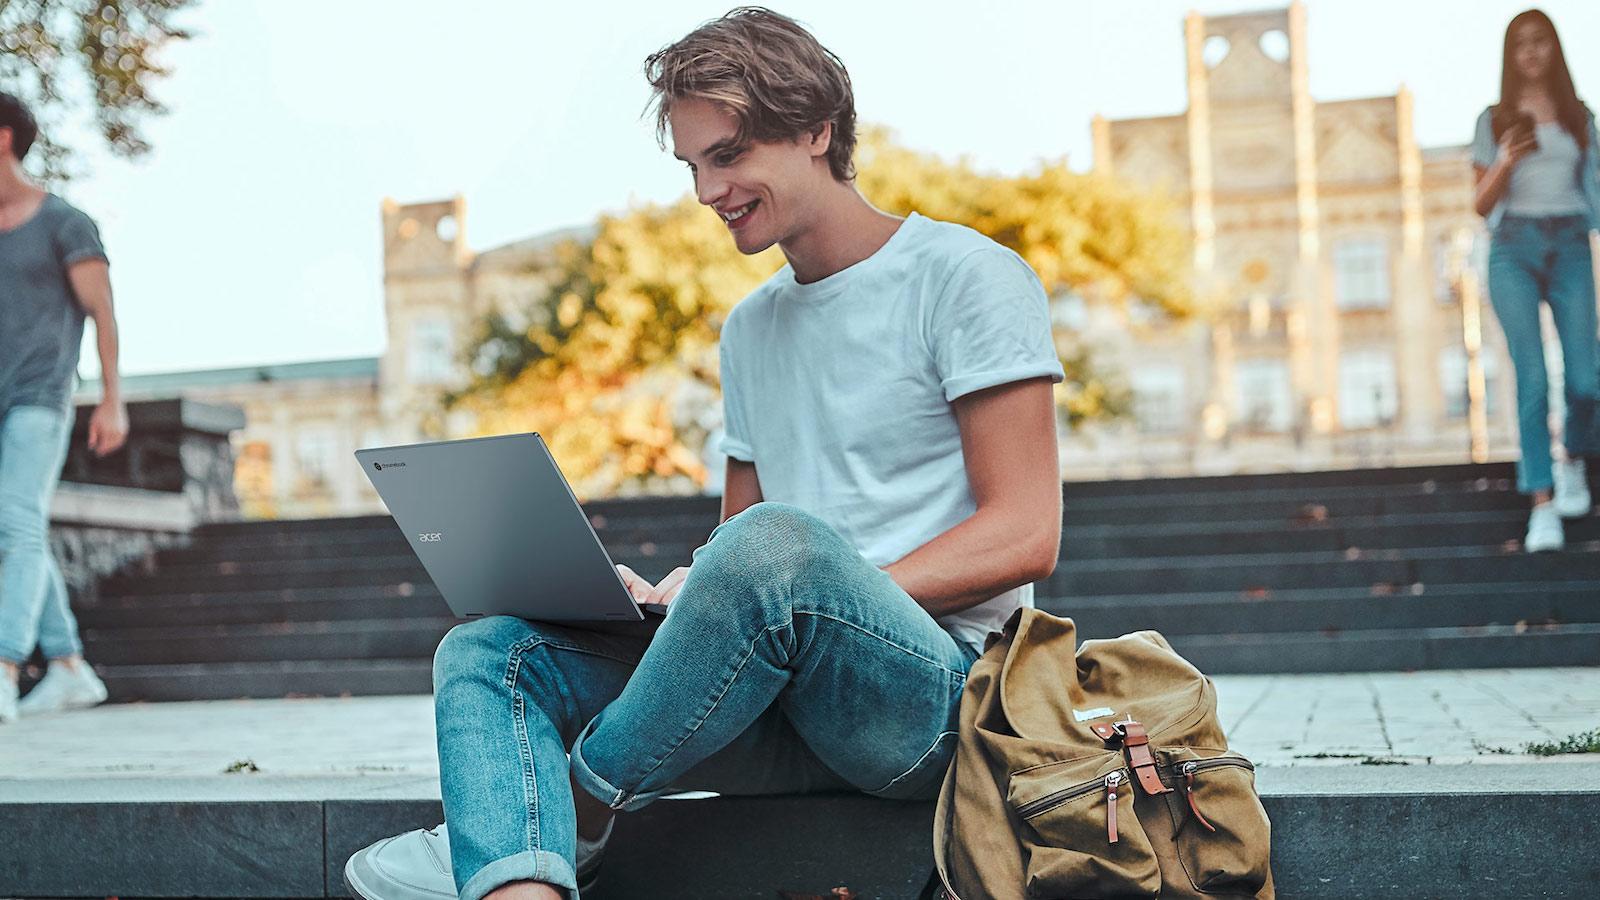 Acer Chromebook Enterprise Spin 713 interchangeable laptop flips 360 degrees